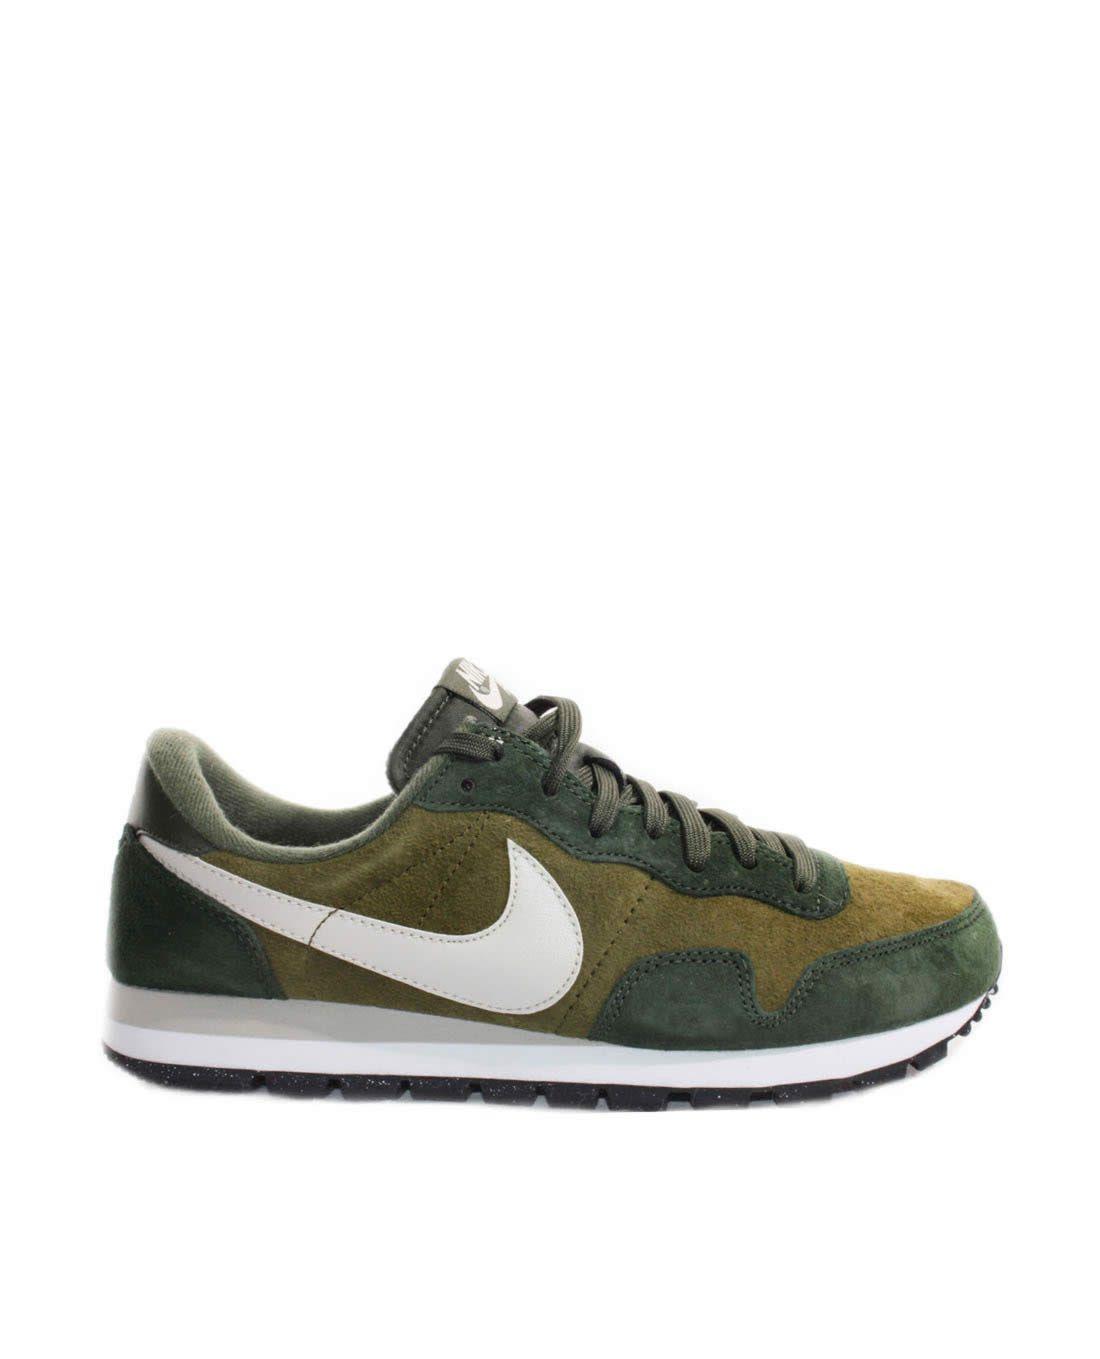 Nike Air Pegasus 83 Military Verde